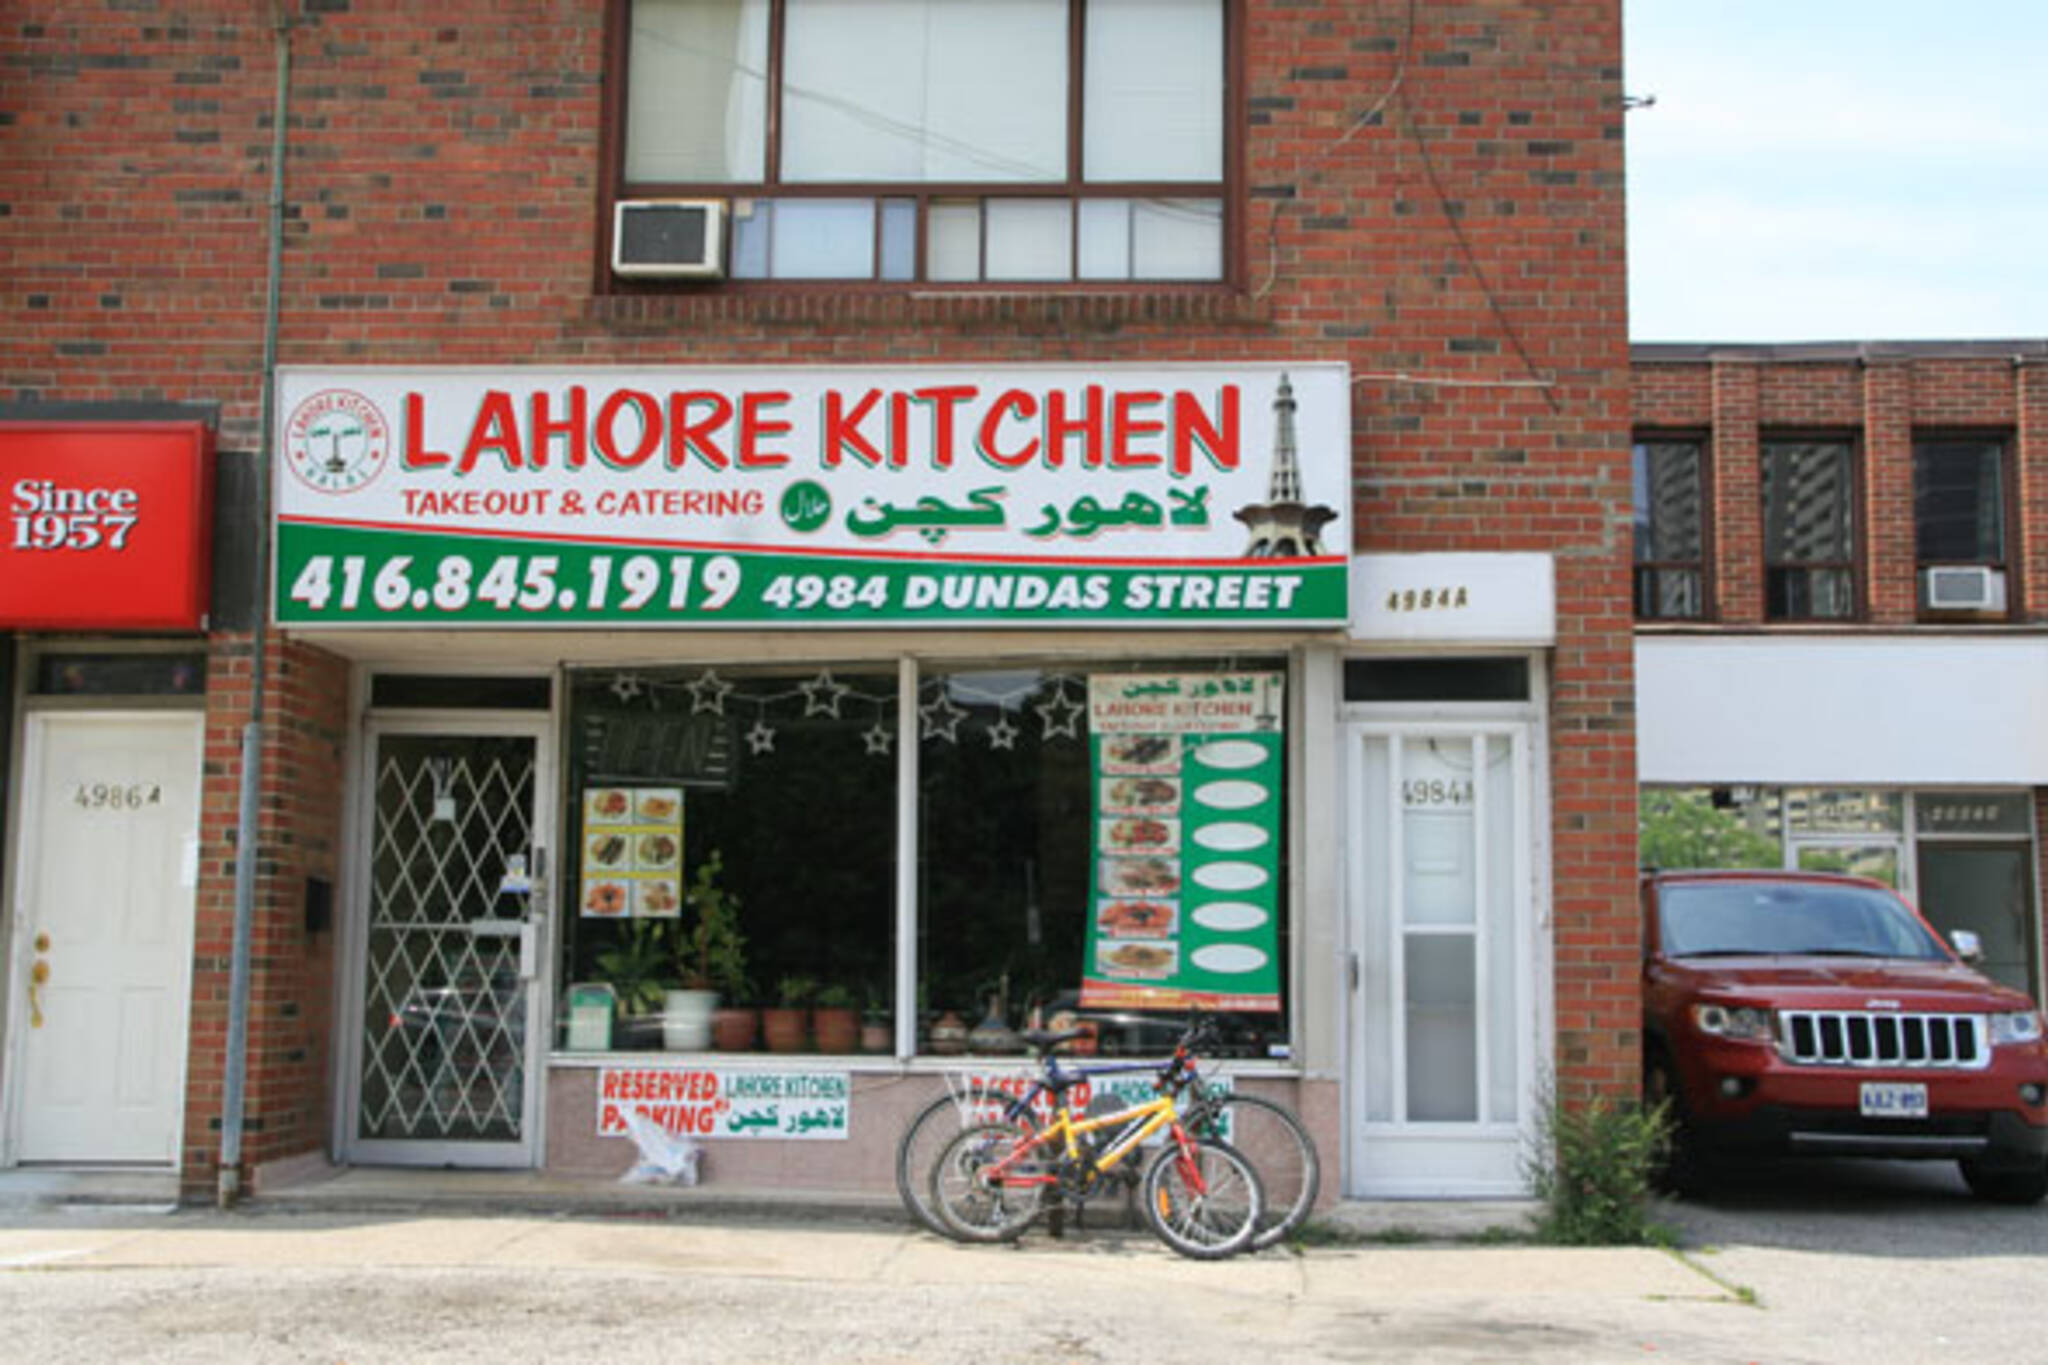 Lahore kitchen to toronto